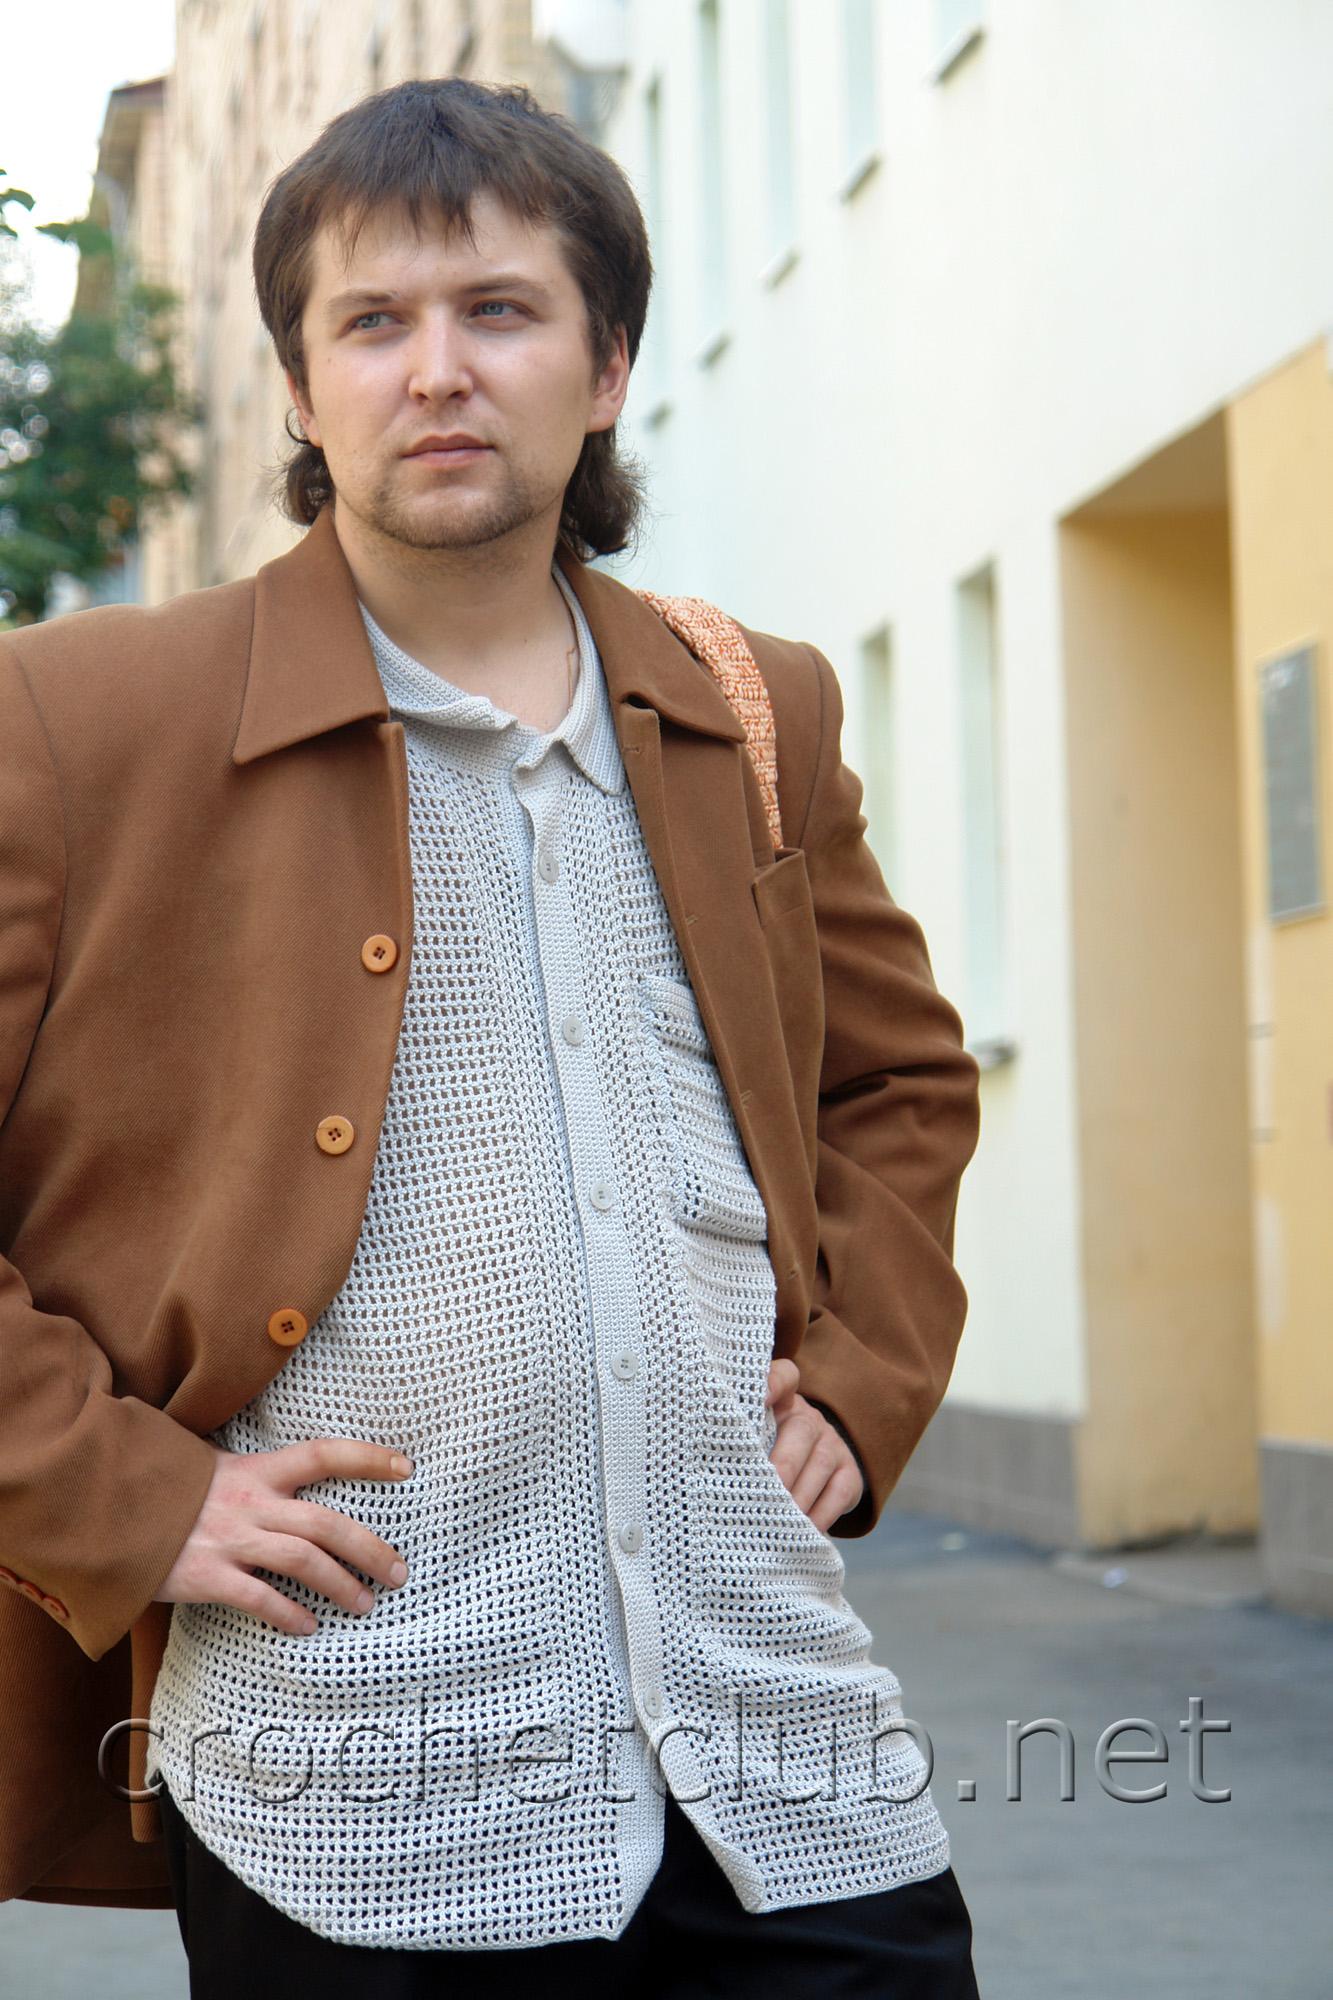 Вязаная мужская рубашка.